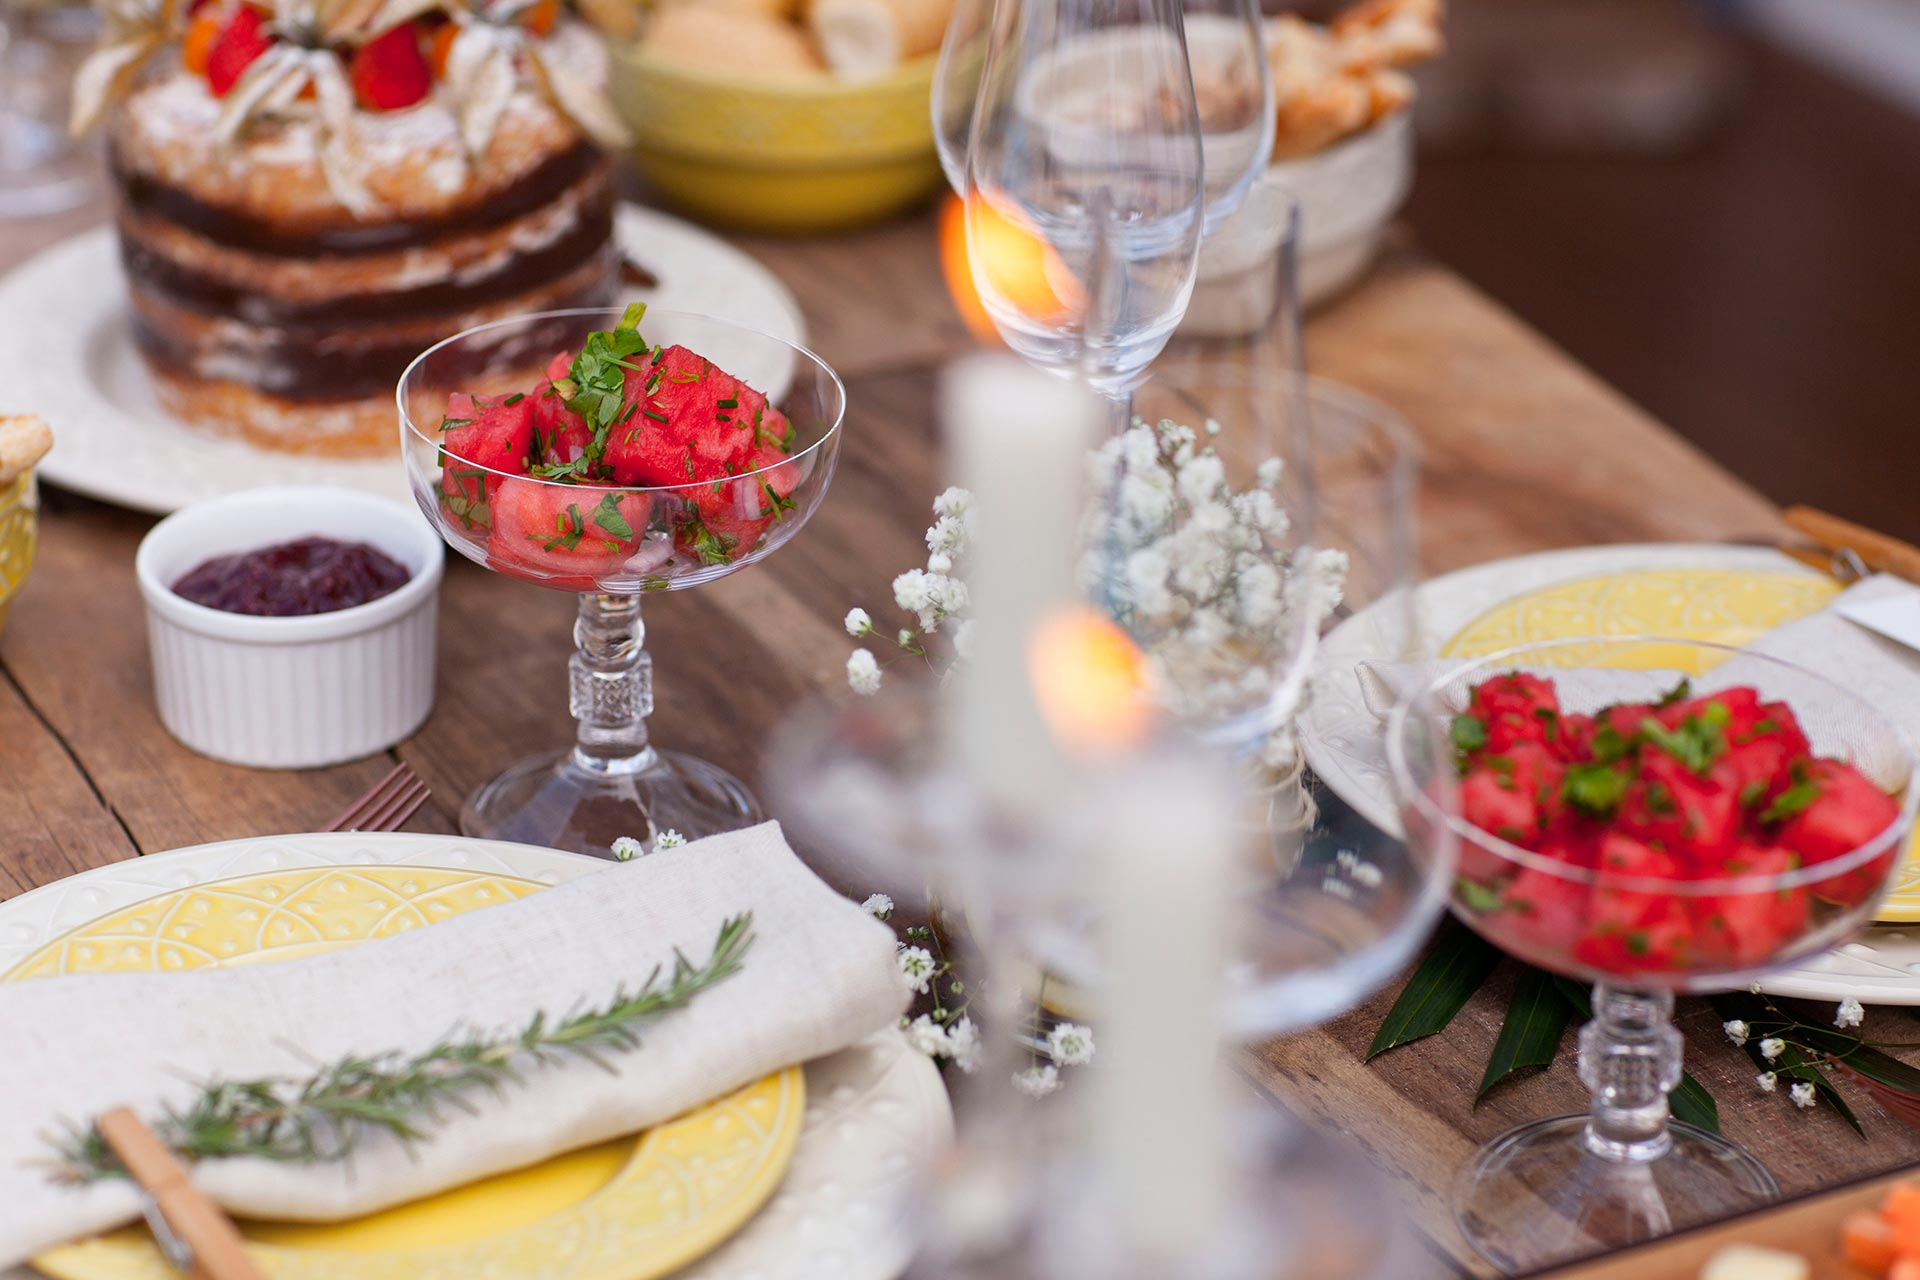 Imagem: Lindos e com detalhes em relevo, os pratos utilizados para compor a mesa são do modelo Mendi, da Oxford. Foto: Raphael Günther/Bespoke Content.